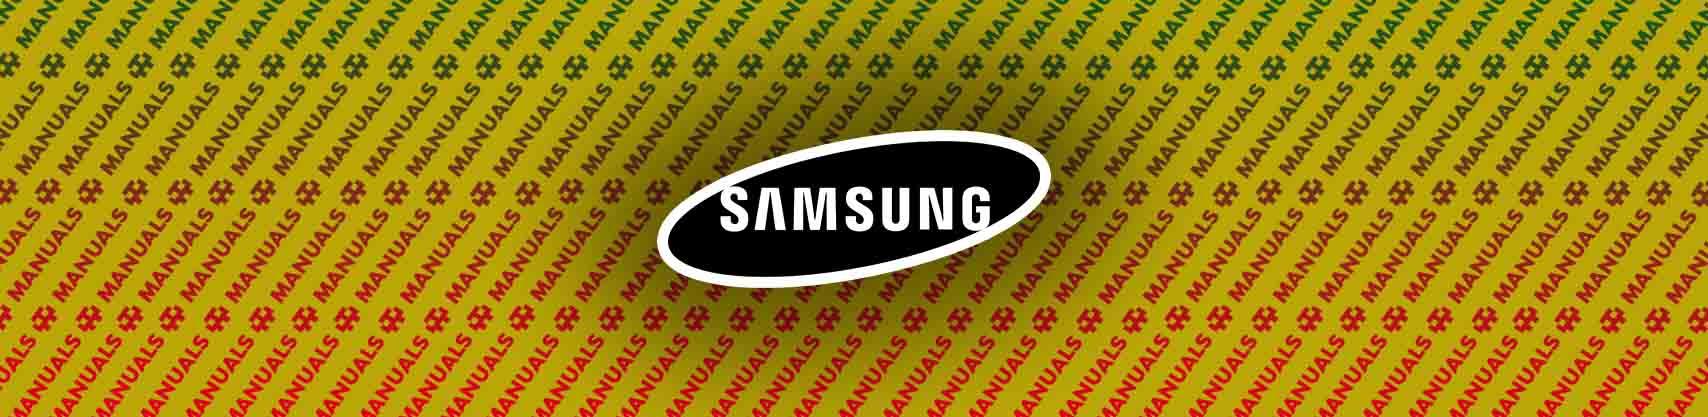 Samsung Galaxy Tab A 8.0 Manual